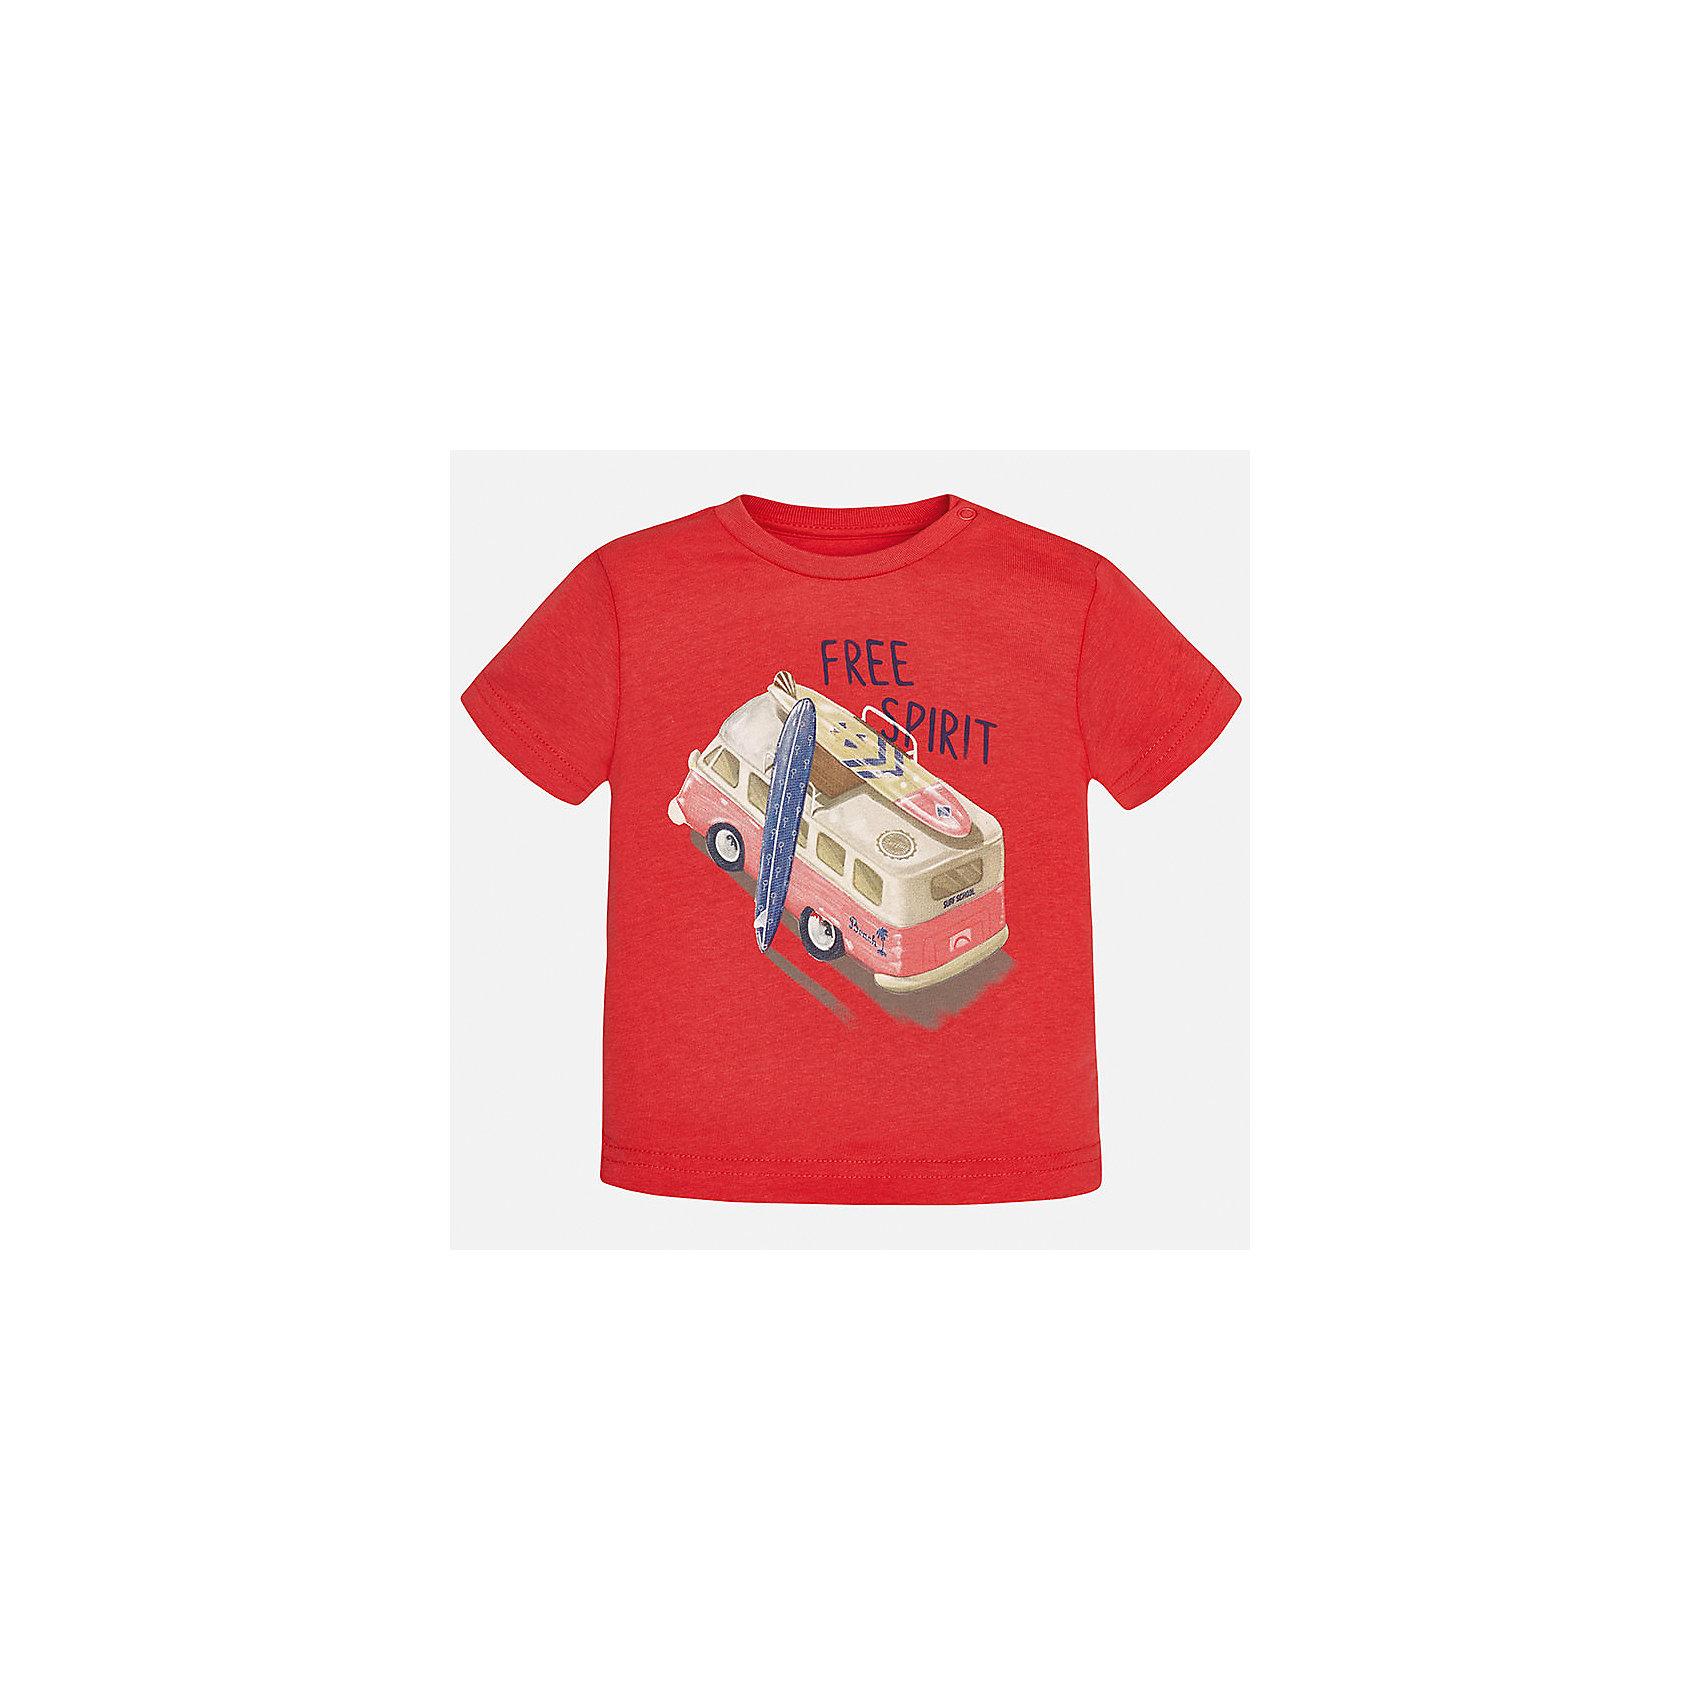 Футболка для мальчика MayoralФутболки, поло и топы<br>Характеристики товара:<br><br>• цвет: красный<br>• состав: 100% хлопок<br>• круглый горловой вырез<br>• декорирована принтом<br>• короткие рукава<br>• мягкая отделка горловины<br>• страна бренда: Испания<br><br>Стильная удобная футболка с принтом поможет разнообразить гардероб мальчика. Она отлично сочетается с брюками, шортами, джинсами. Универсальный крой и цвет позволяет подобрать к вещи низ разных расцветок. Практичное и стильное изделие! Хорошо смотрится и комфортно сидит на детях. В составе материала - натуральный хлопок, гипоаллергенный, приятный на ощупь, дышащий. <br><br>Одежда, обувь и аксессуары от испанского бренда Mayoral полюбились детям и взрослым по всему миру. Модели этой марки - стильные и удобные. Для их производства используются только безопасные, качественные материалы и фурнитура. Порадуйте ребенка модными и красивыми вещами от Mayoral! <br><br>Футболку для мальчика от испанского бренда Mayoral (Майорал) можно купить в нашем интернет-магазине.<br><br>Ширина мм: 199<br>Глубина мм: 10<br>Высота мм: 161<br>Вес г: 151<br>Цвет: розовый<br>Возраст от месяцев: 18<br>Возраст до месяцев: 24<br>Пол: Мужской<br>Возраст: Детский<br>Размер: 92,80,86<br>SKU: 5278457